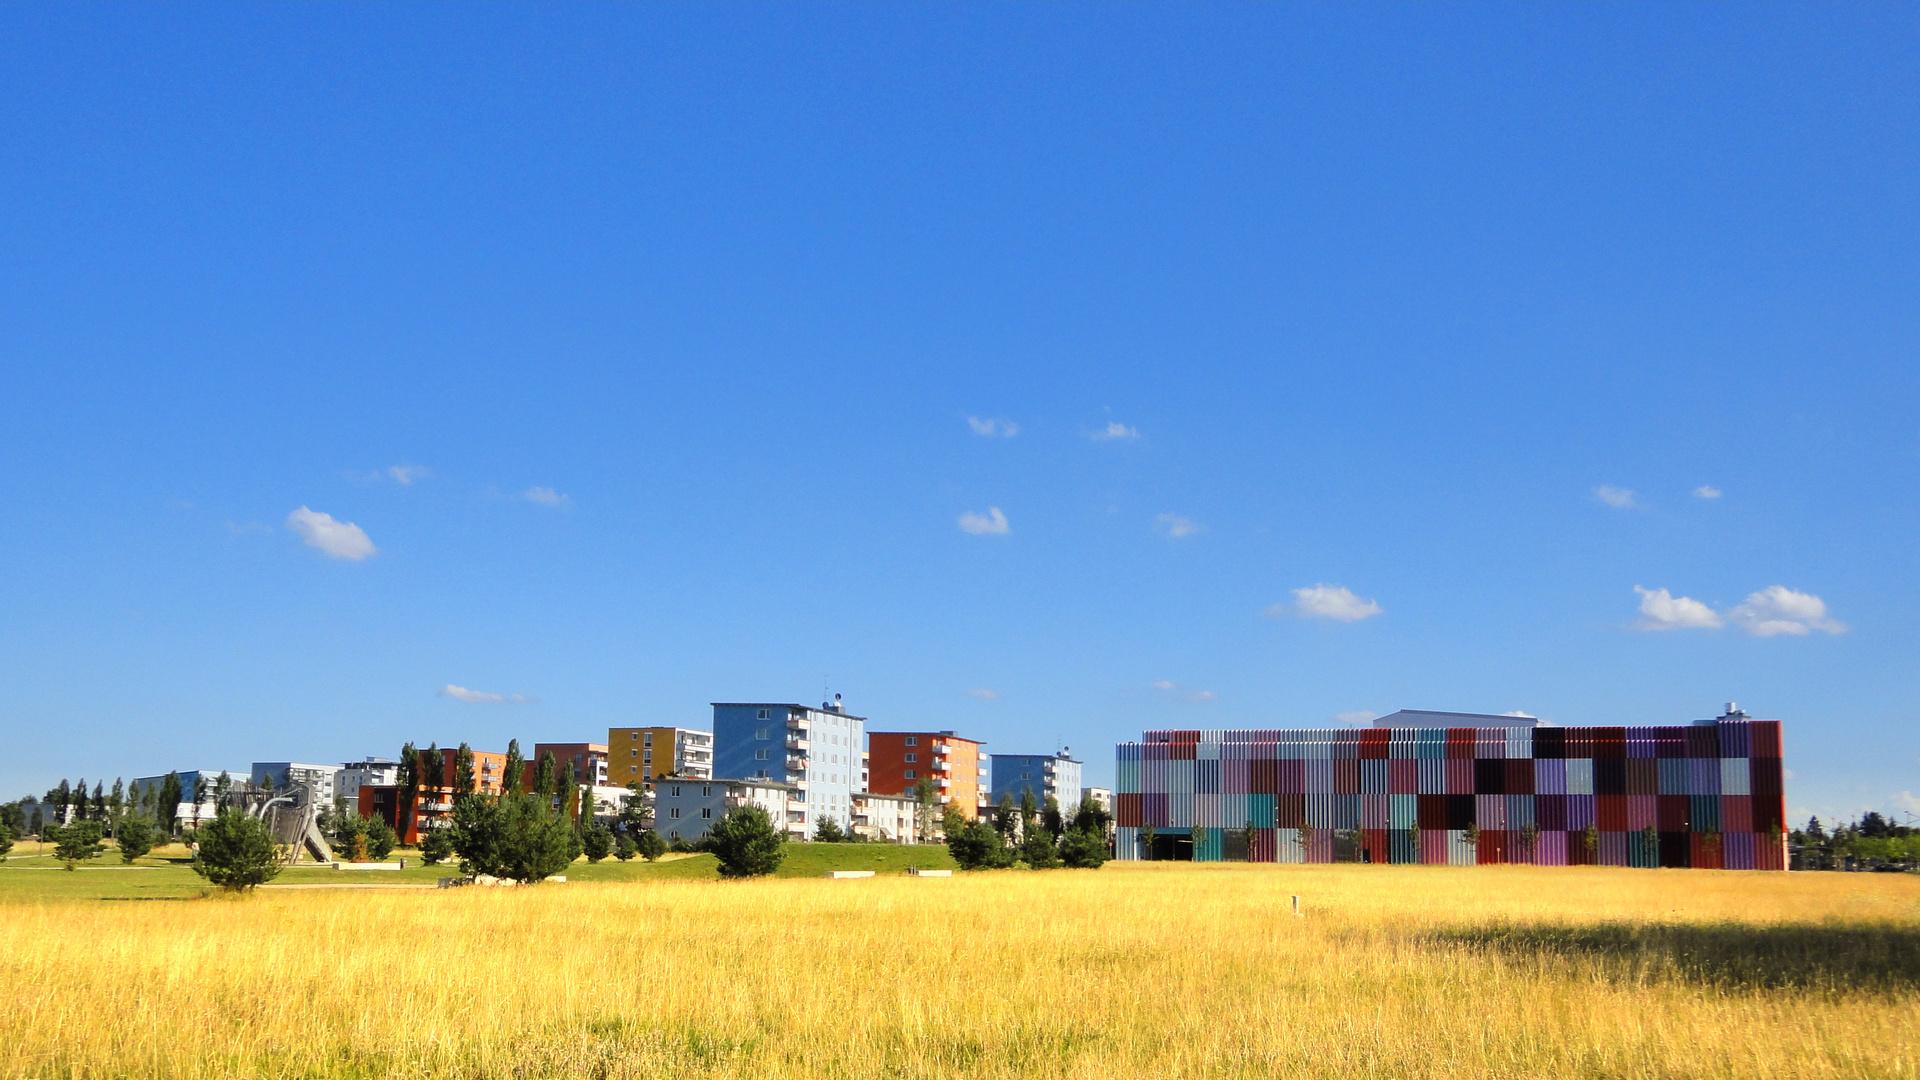 Trüber Stadtrand -- farbenprächtige Gebäude